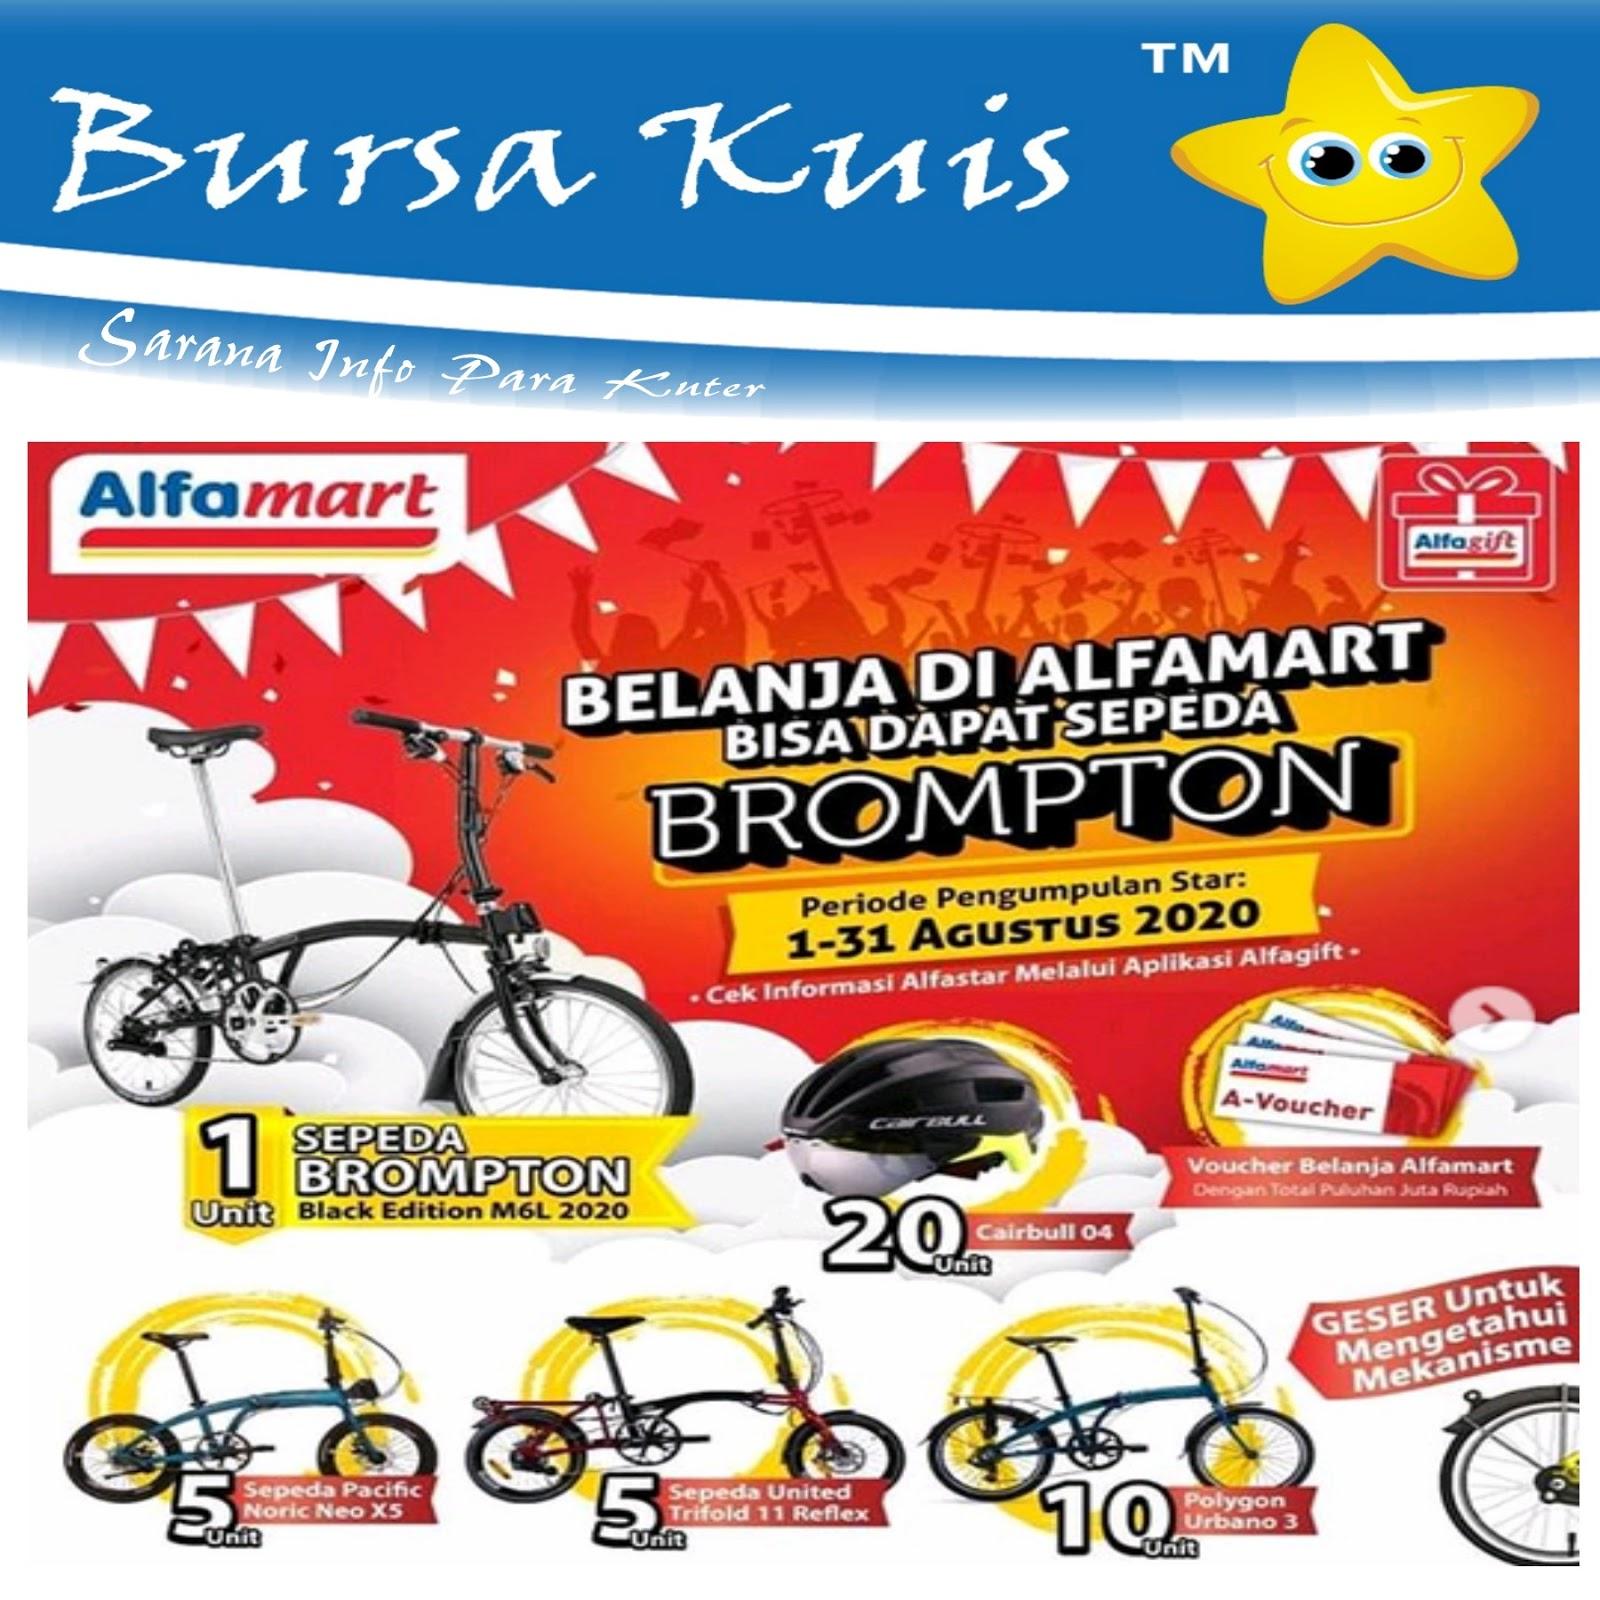 Kuis Promo Belanja Di Alfamart Berhadiah Sepeda Brompton Dan Voucher Belanja Gratis Bursa Kuis Online